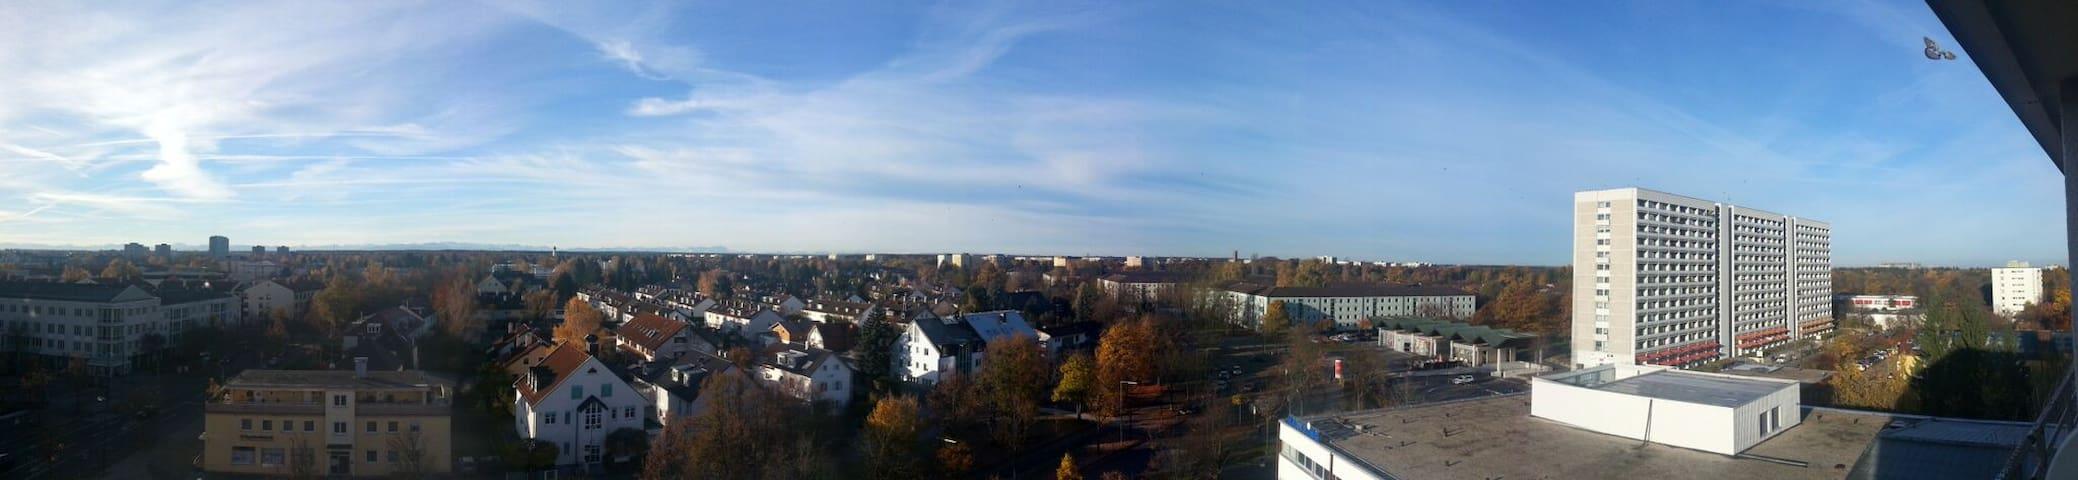 Über dächer von München 8 Stock mit Aplen Blick - Munique - Apartamento